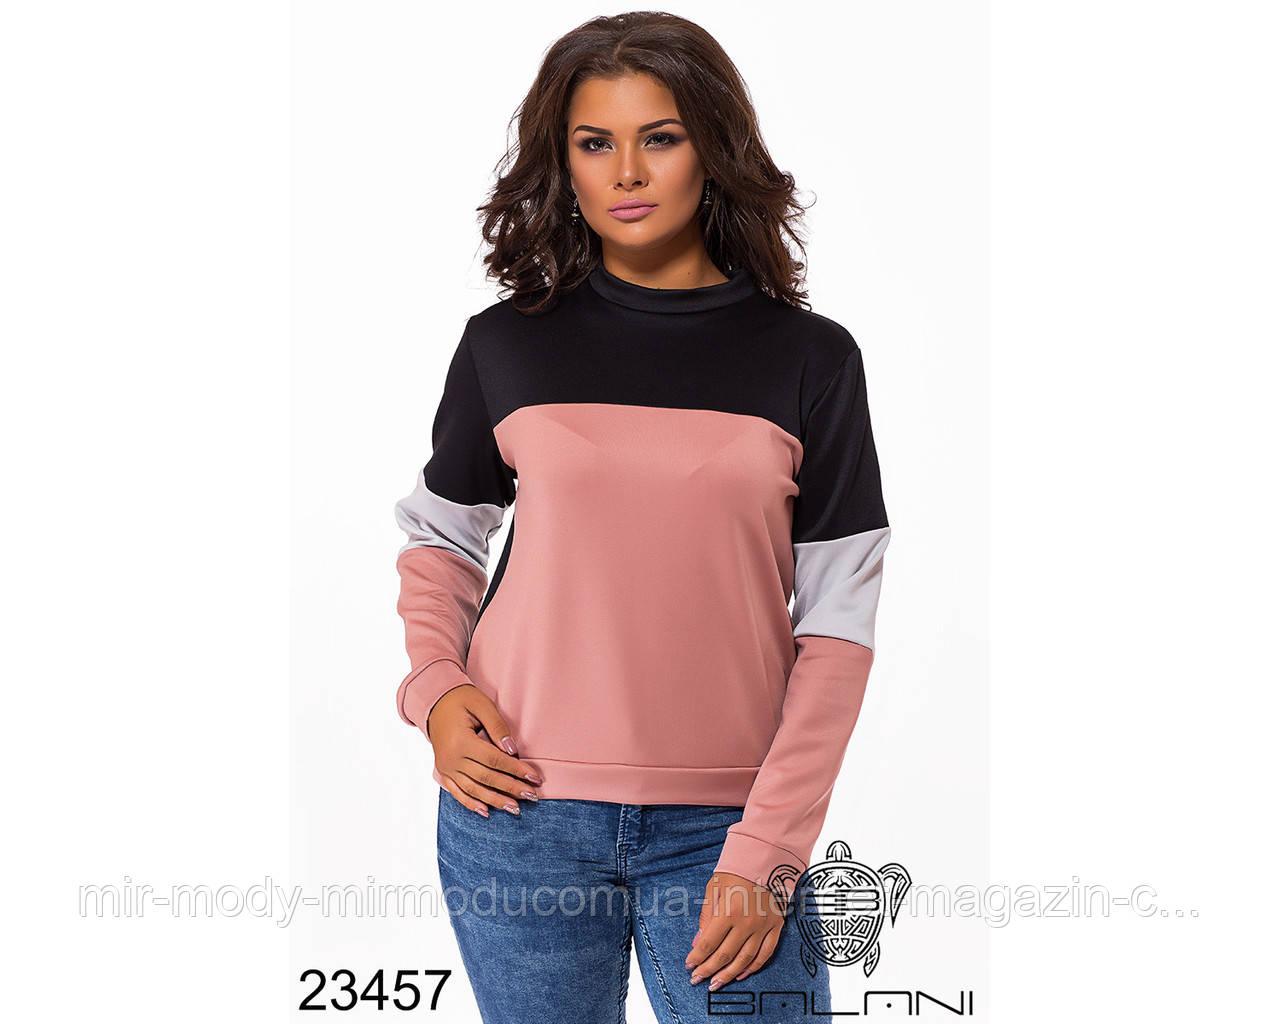 Стильный свитер- 23457 с 48 по 52 размер  (бн)